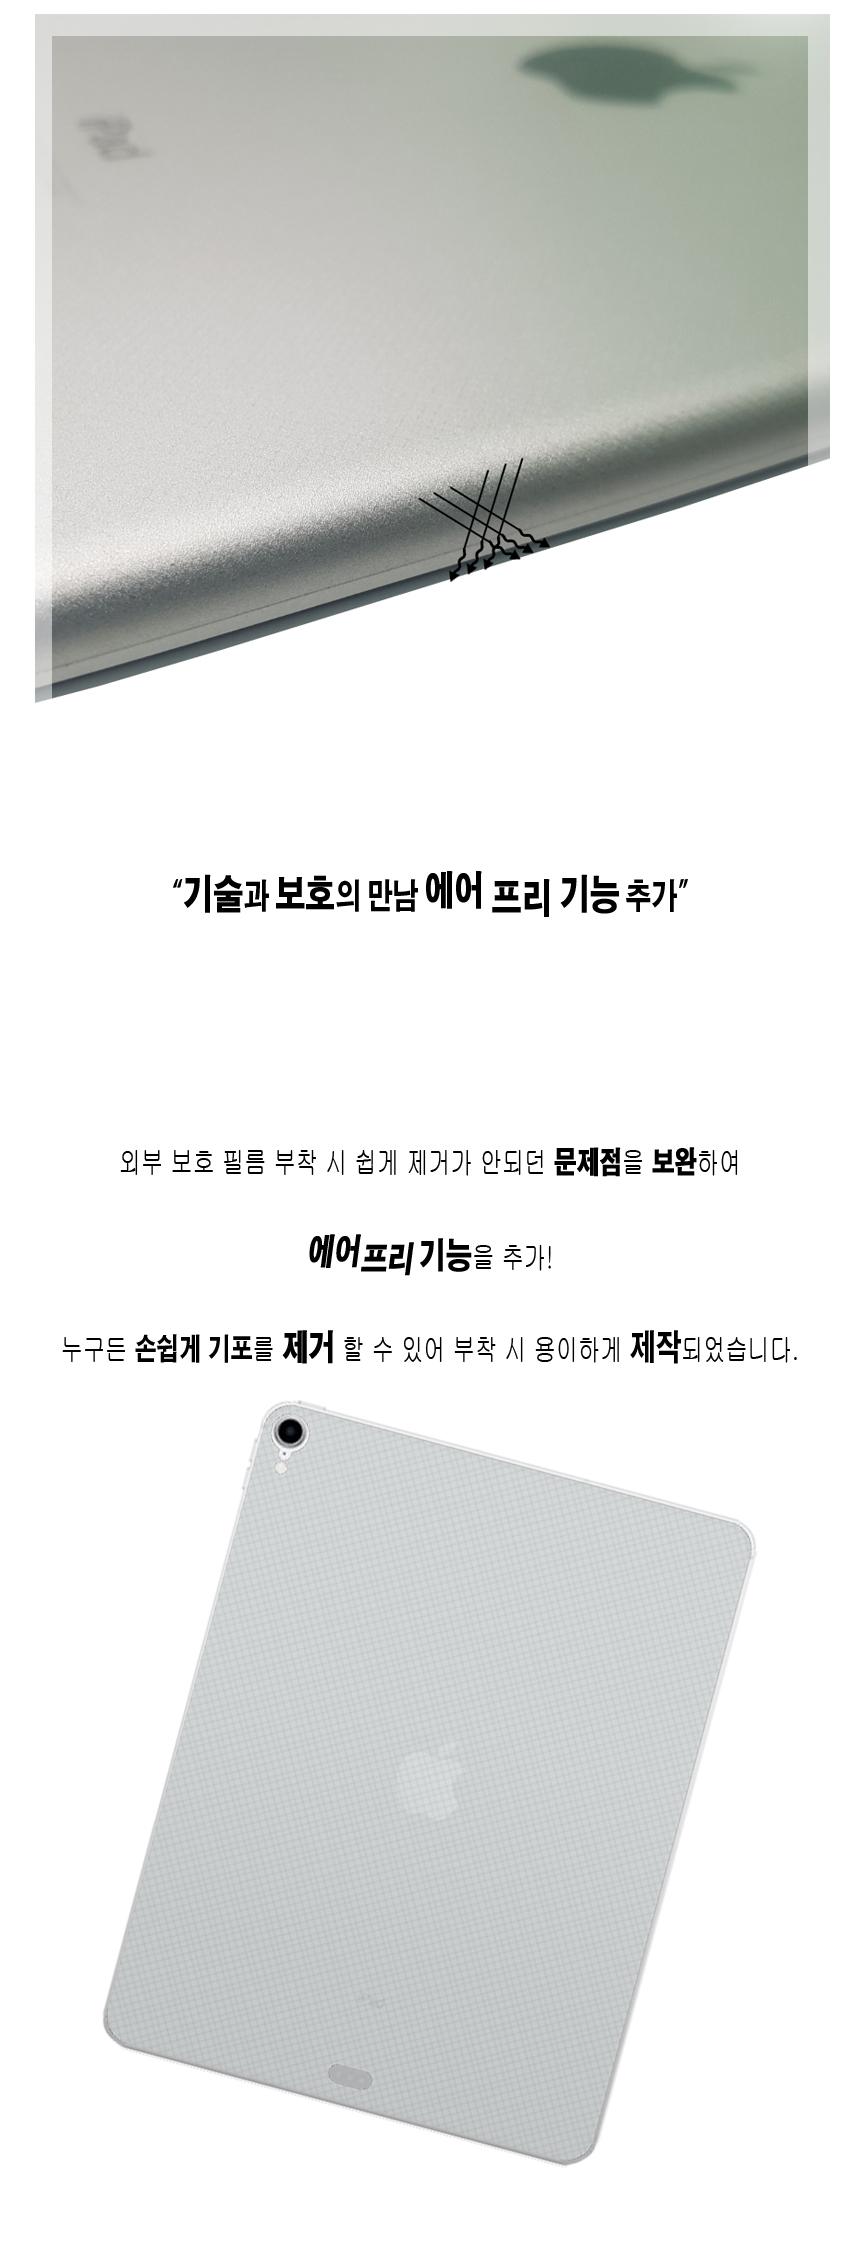 갤럭시 노트10 플러스 후면 보호필름 2매+카메라1매 구성 - 좀비베리어, 4,500원, 필름/스킨, 기타 갤럭시 제품